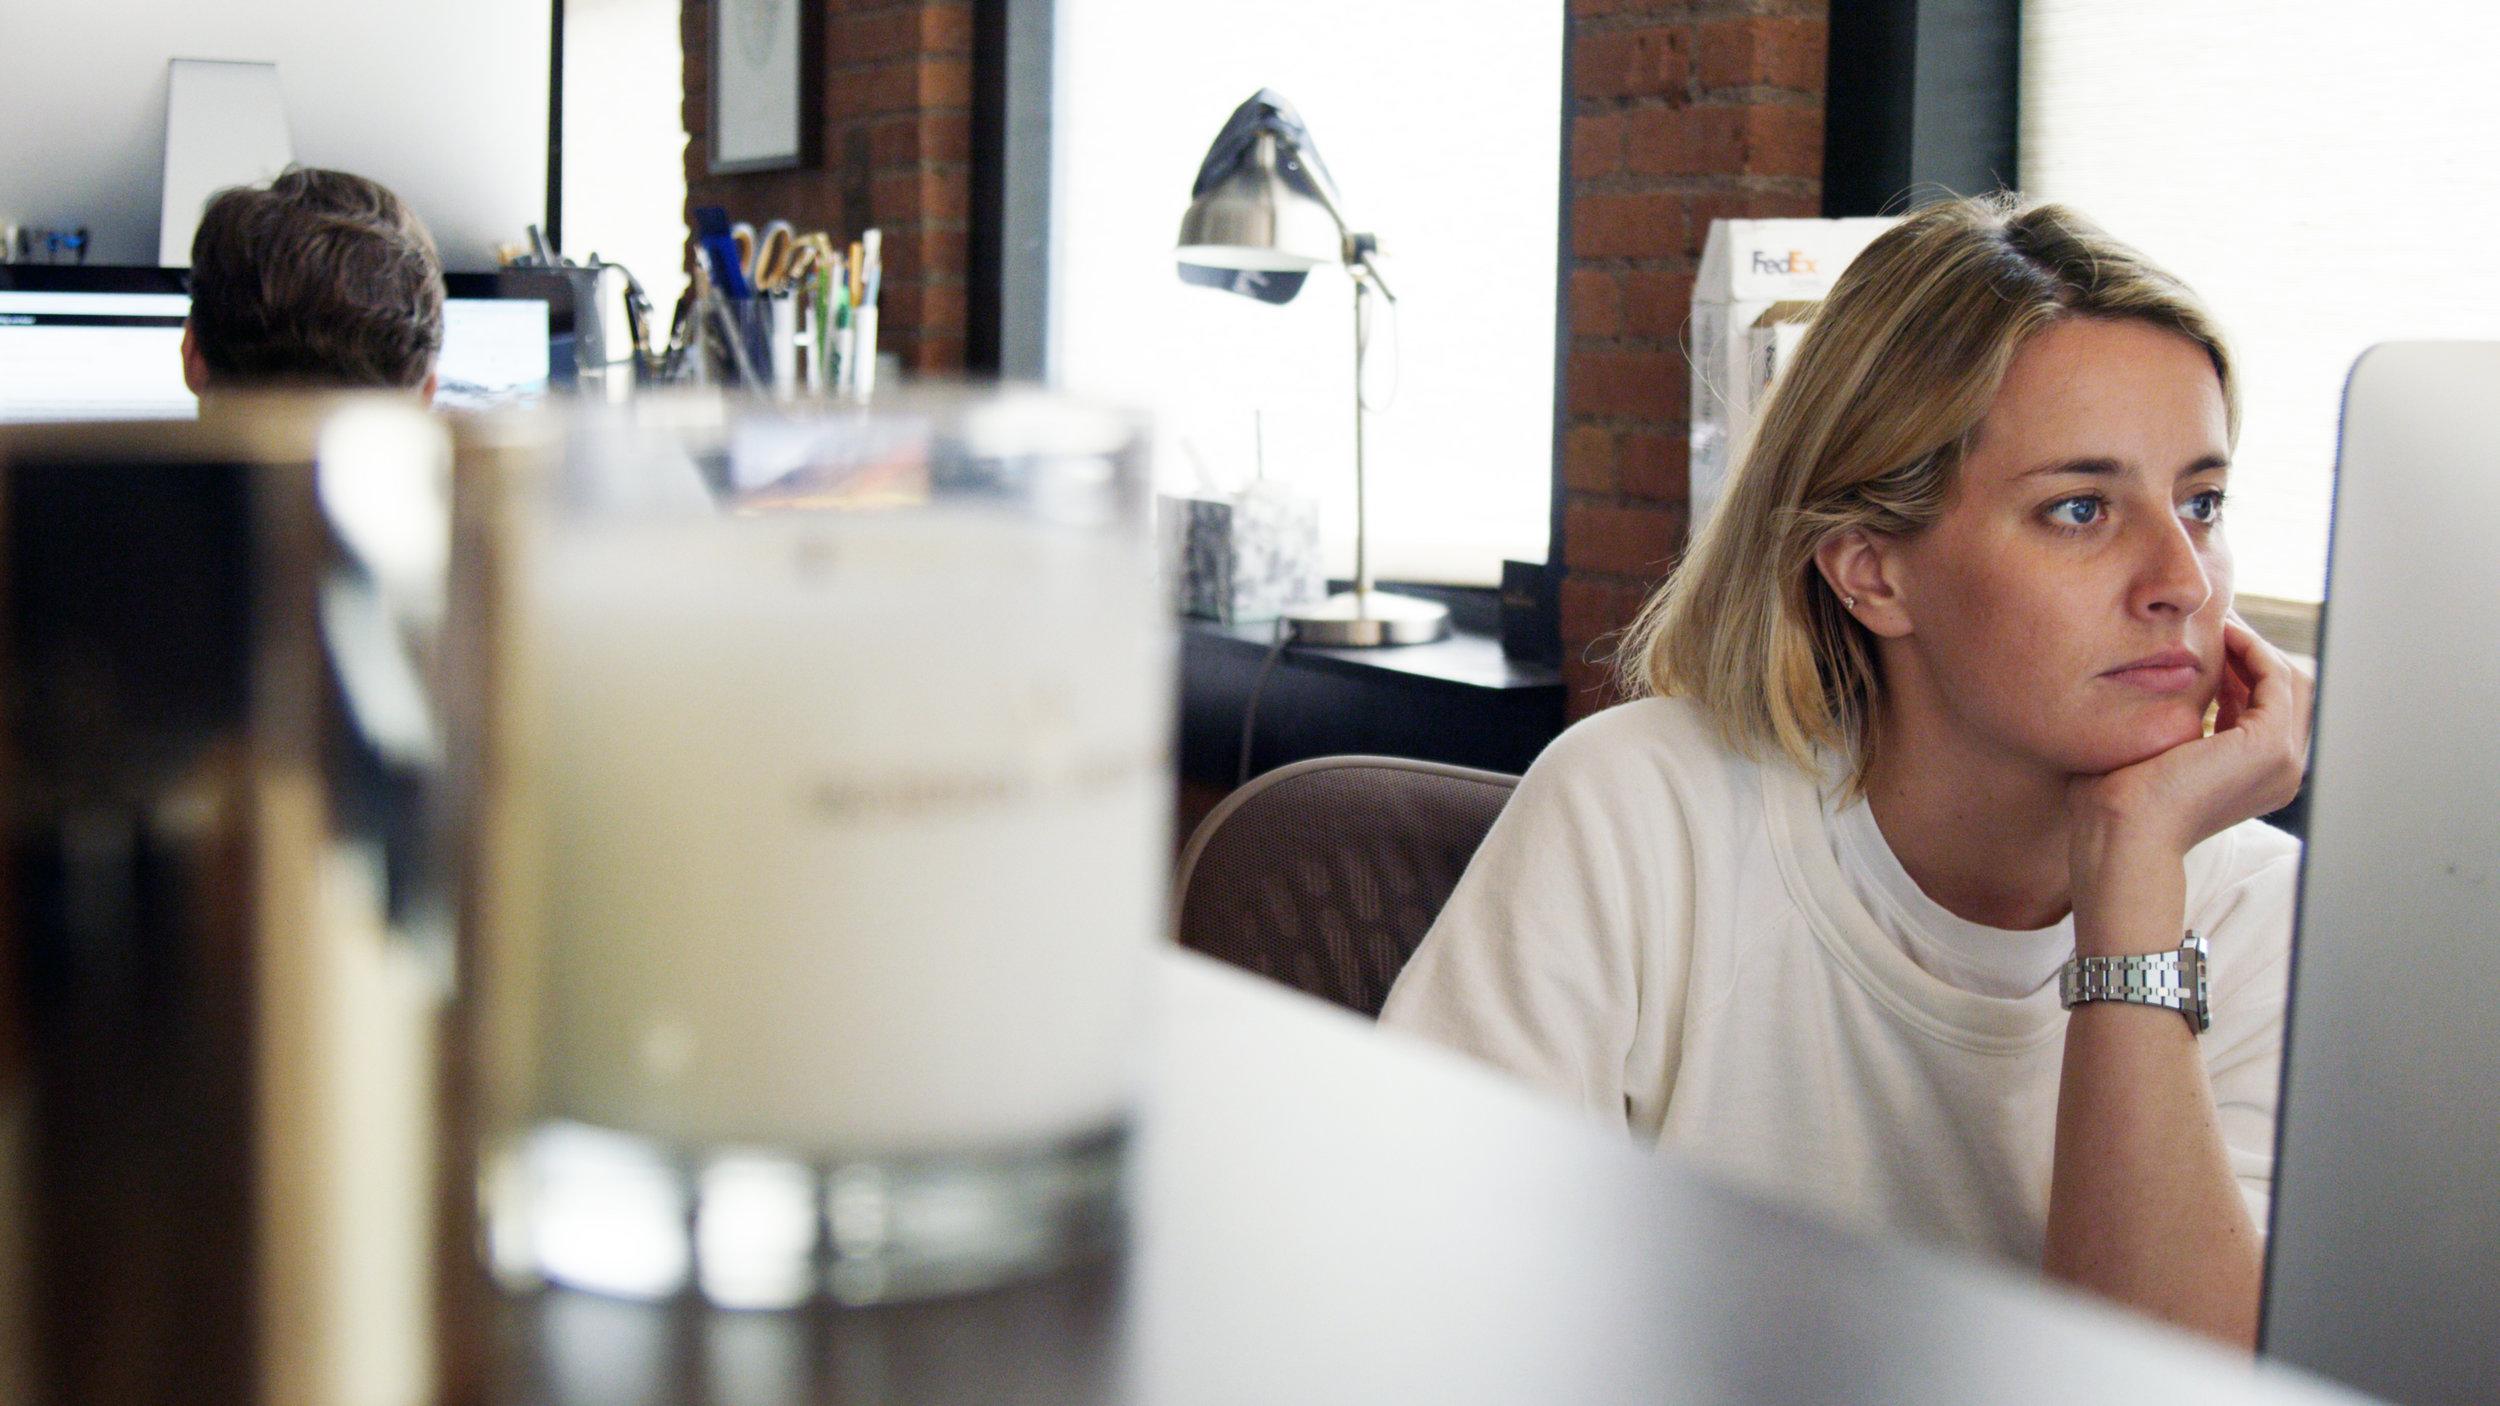 Hodinkee Editor Cara Barrett.